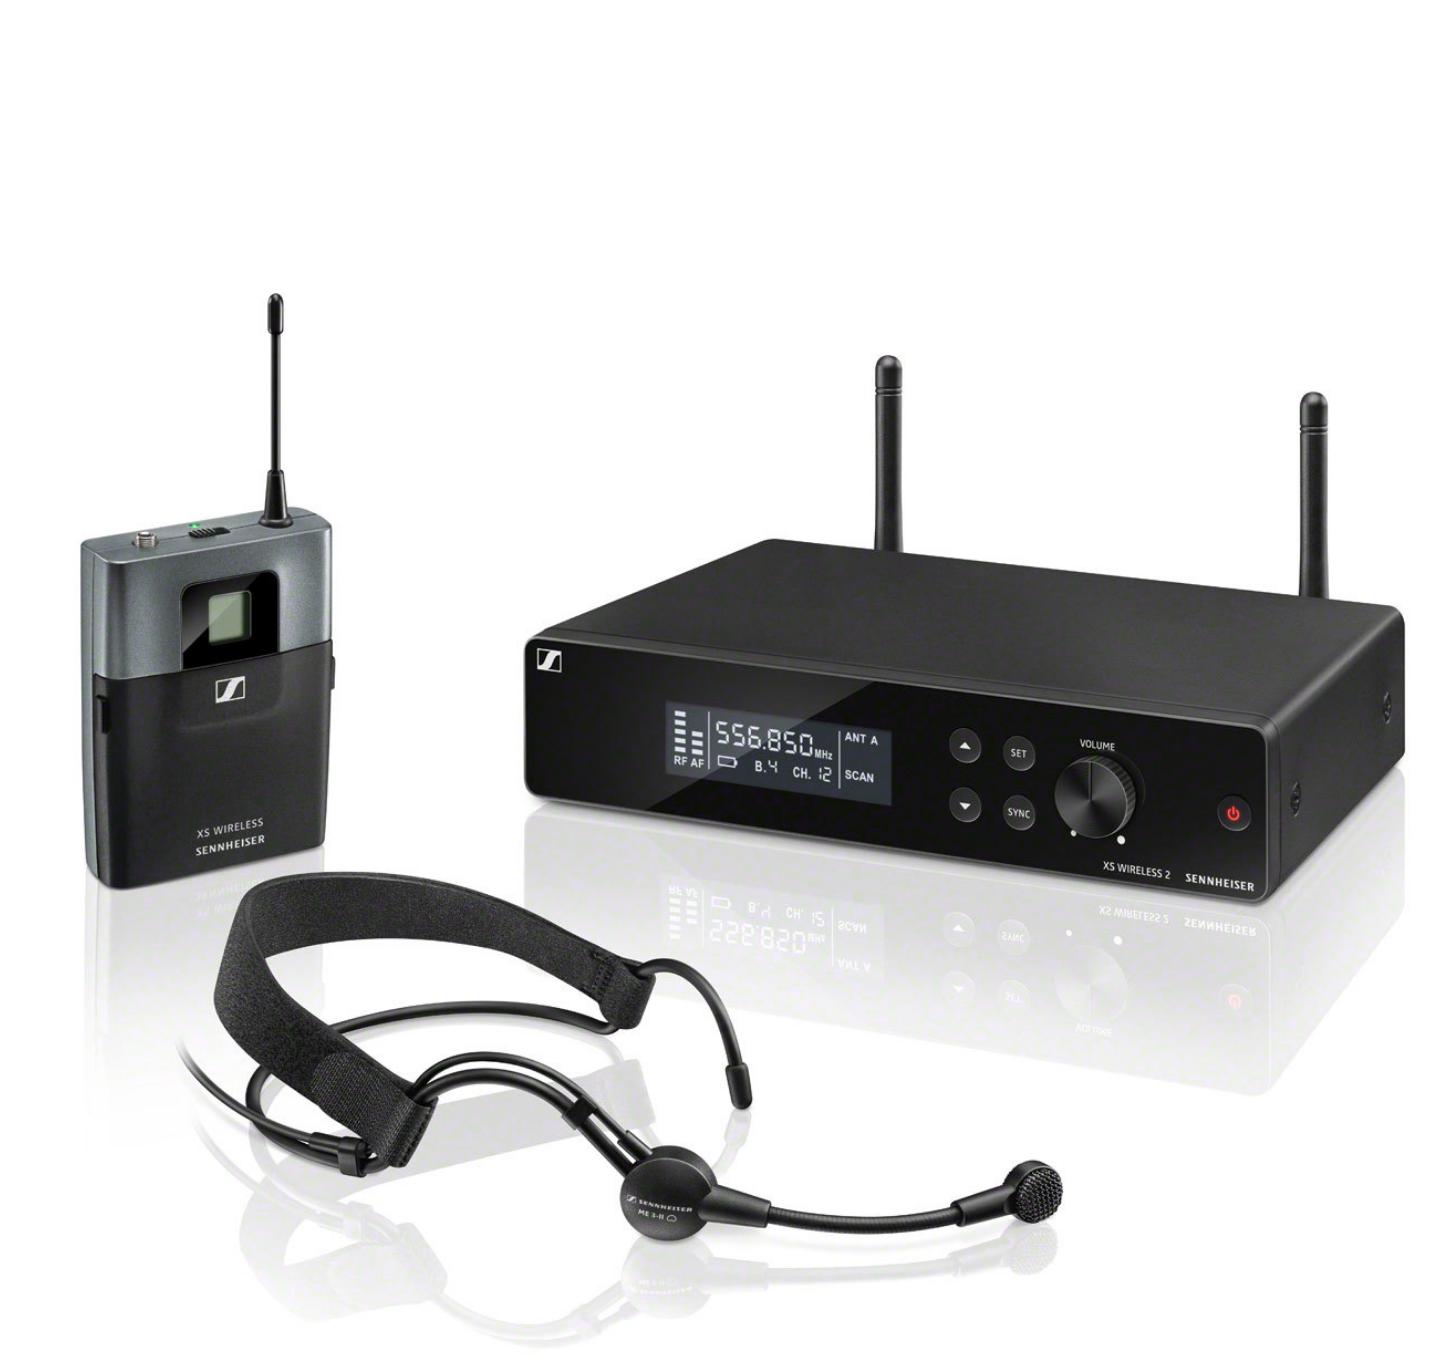 XSW 2-835-A - Ensemble vocal : 1x EM XSW 2, SKM 835 XSW (dynamique, cardio), NT 12-5 CW, MZQ 1, GA 1 XSW 2, (548 - 572 MHz)